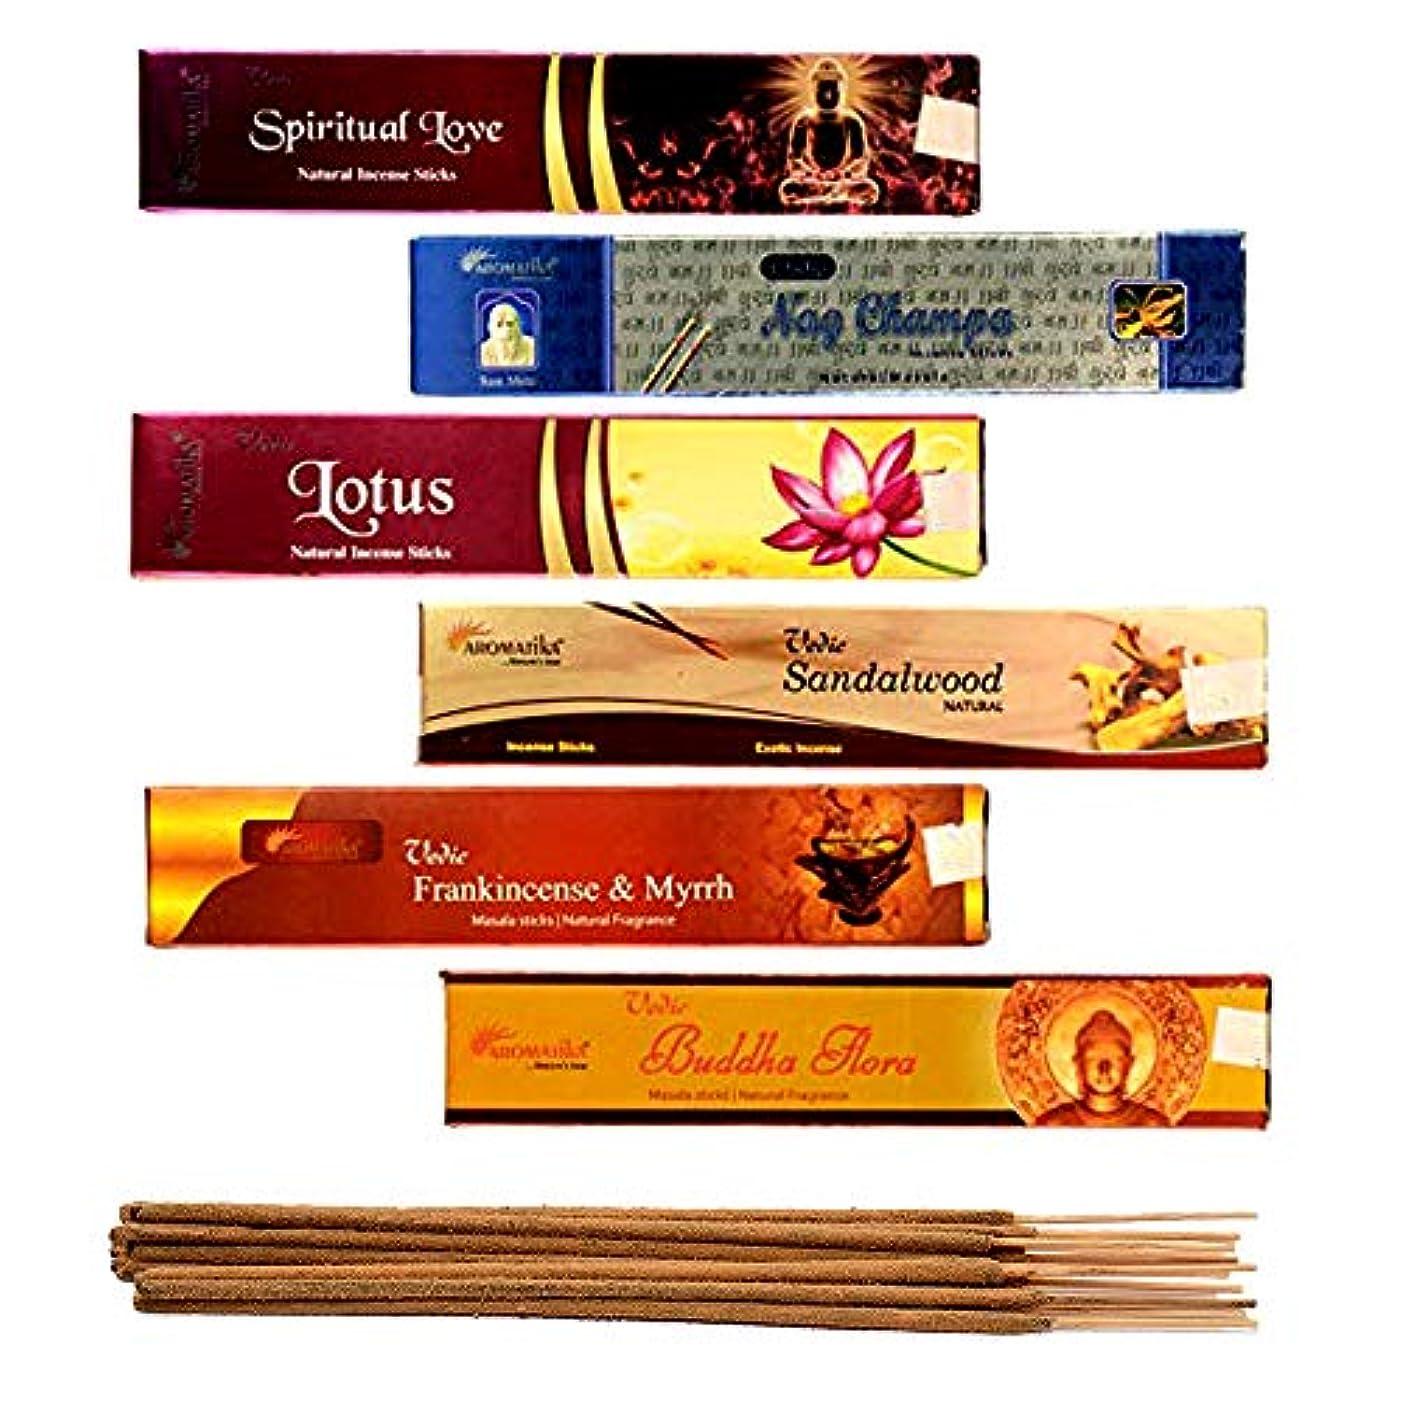 列挙するニンニク珍味aromatika 6 Assorted Masala Incense Sticks Vedic Nag Champa、サンダルウッド、ブッダFlora、ロータス、Frankincense & Myrrh、Spiritual...